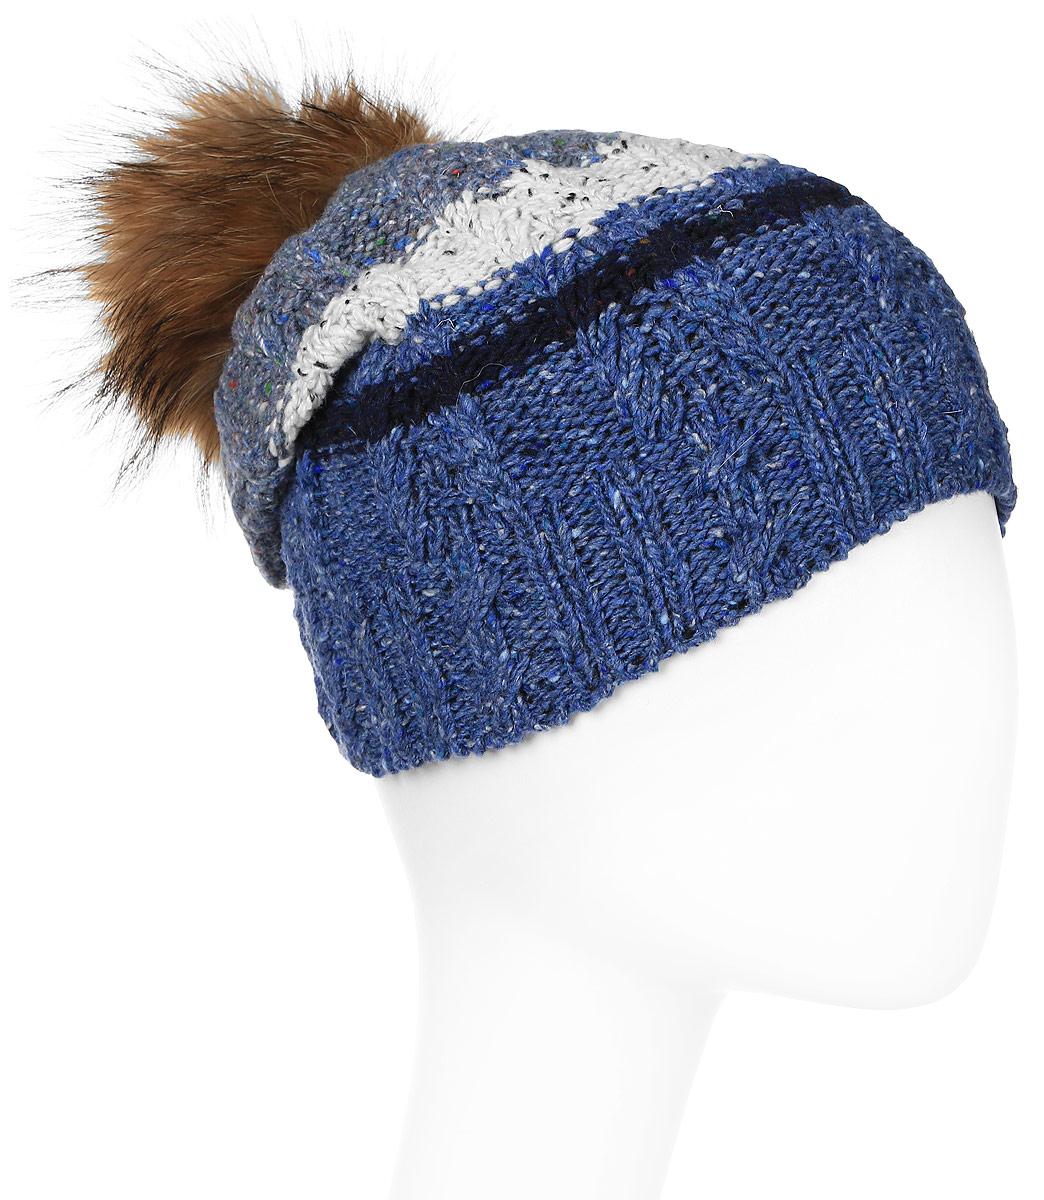 Шапка женская Marhatter, цвет: синий. Размер 56/58. MWH6717/2MWH6717/2Стильная шапка с помпоном из натурального меха, выполнена из ангоровой пряжи. Модель очень актуальна для тех, кто ценит комфорт, стиль и красоту.